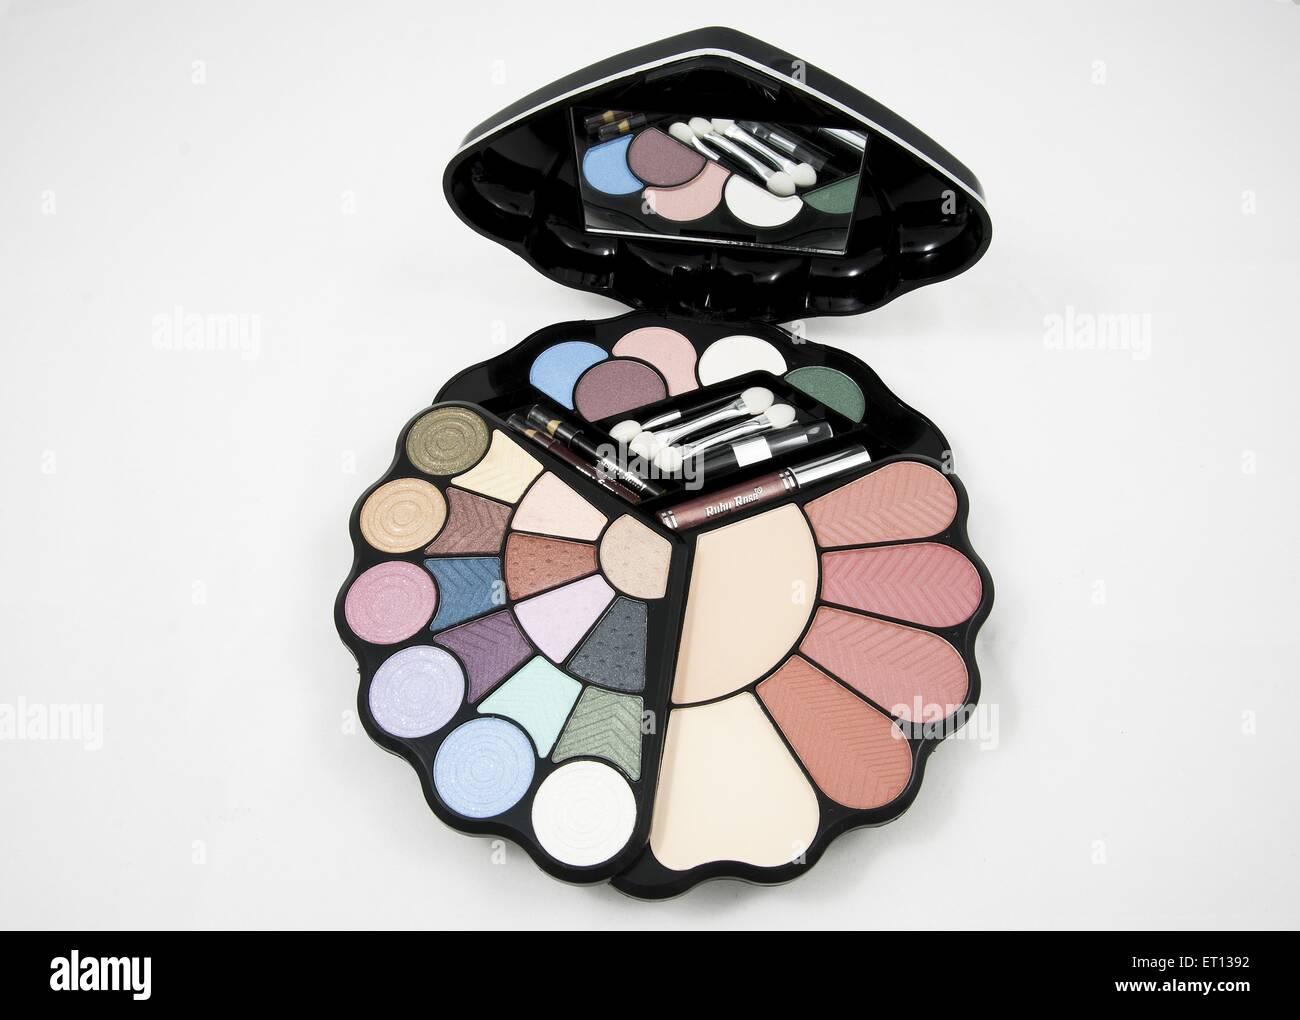 Sombreador de ojos paleta con espejo sobre un fondo blanco. Imagen De Stock